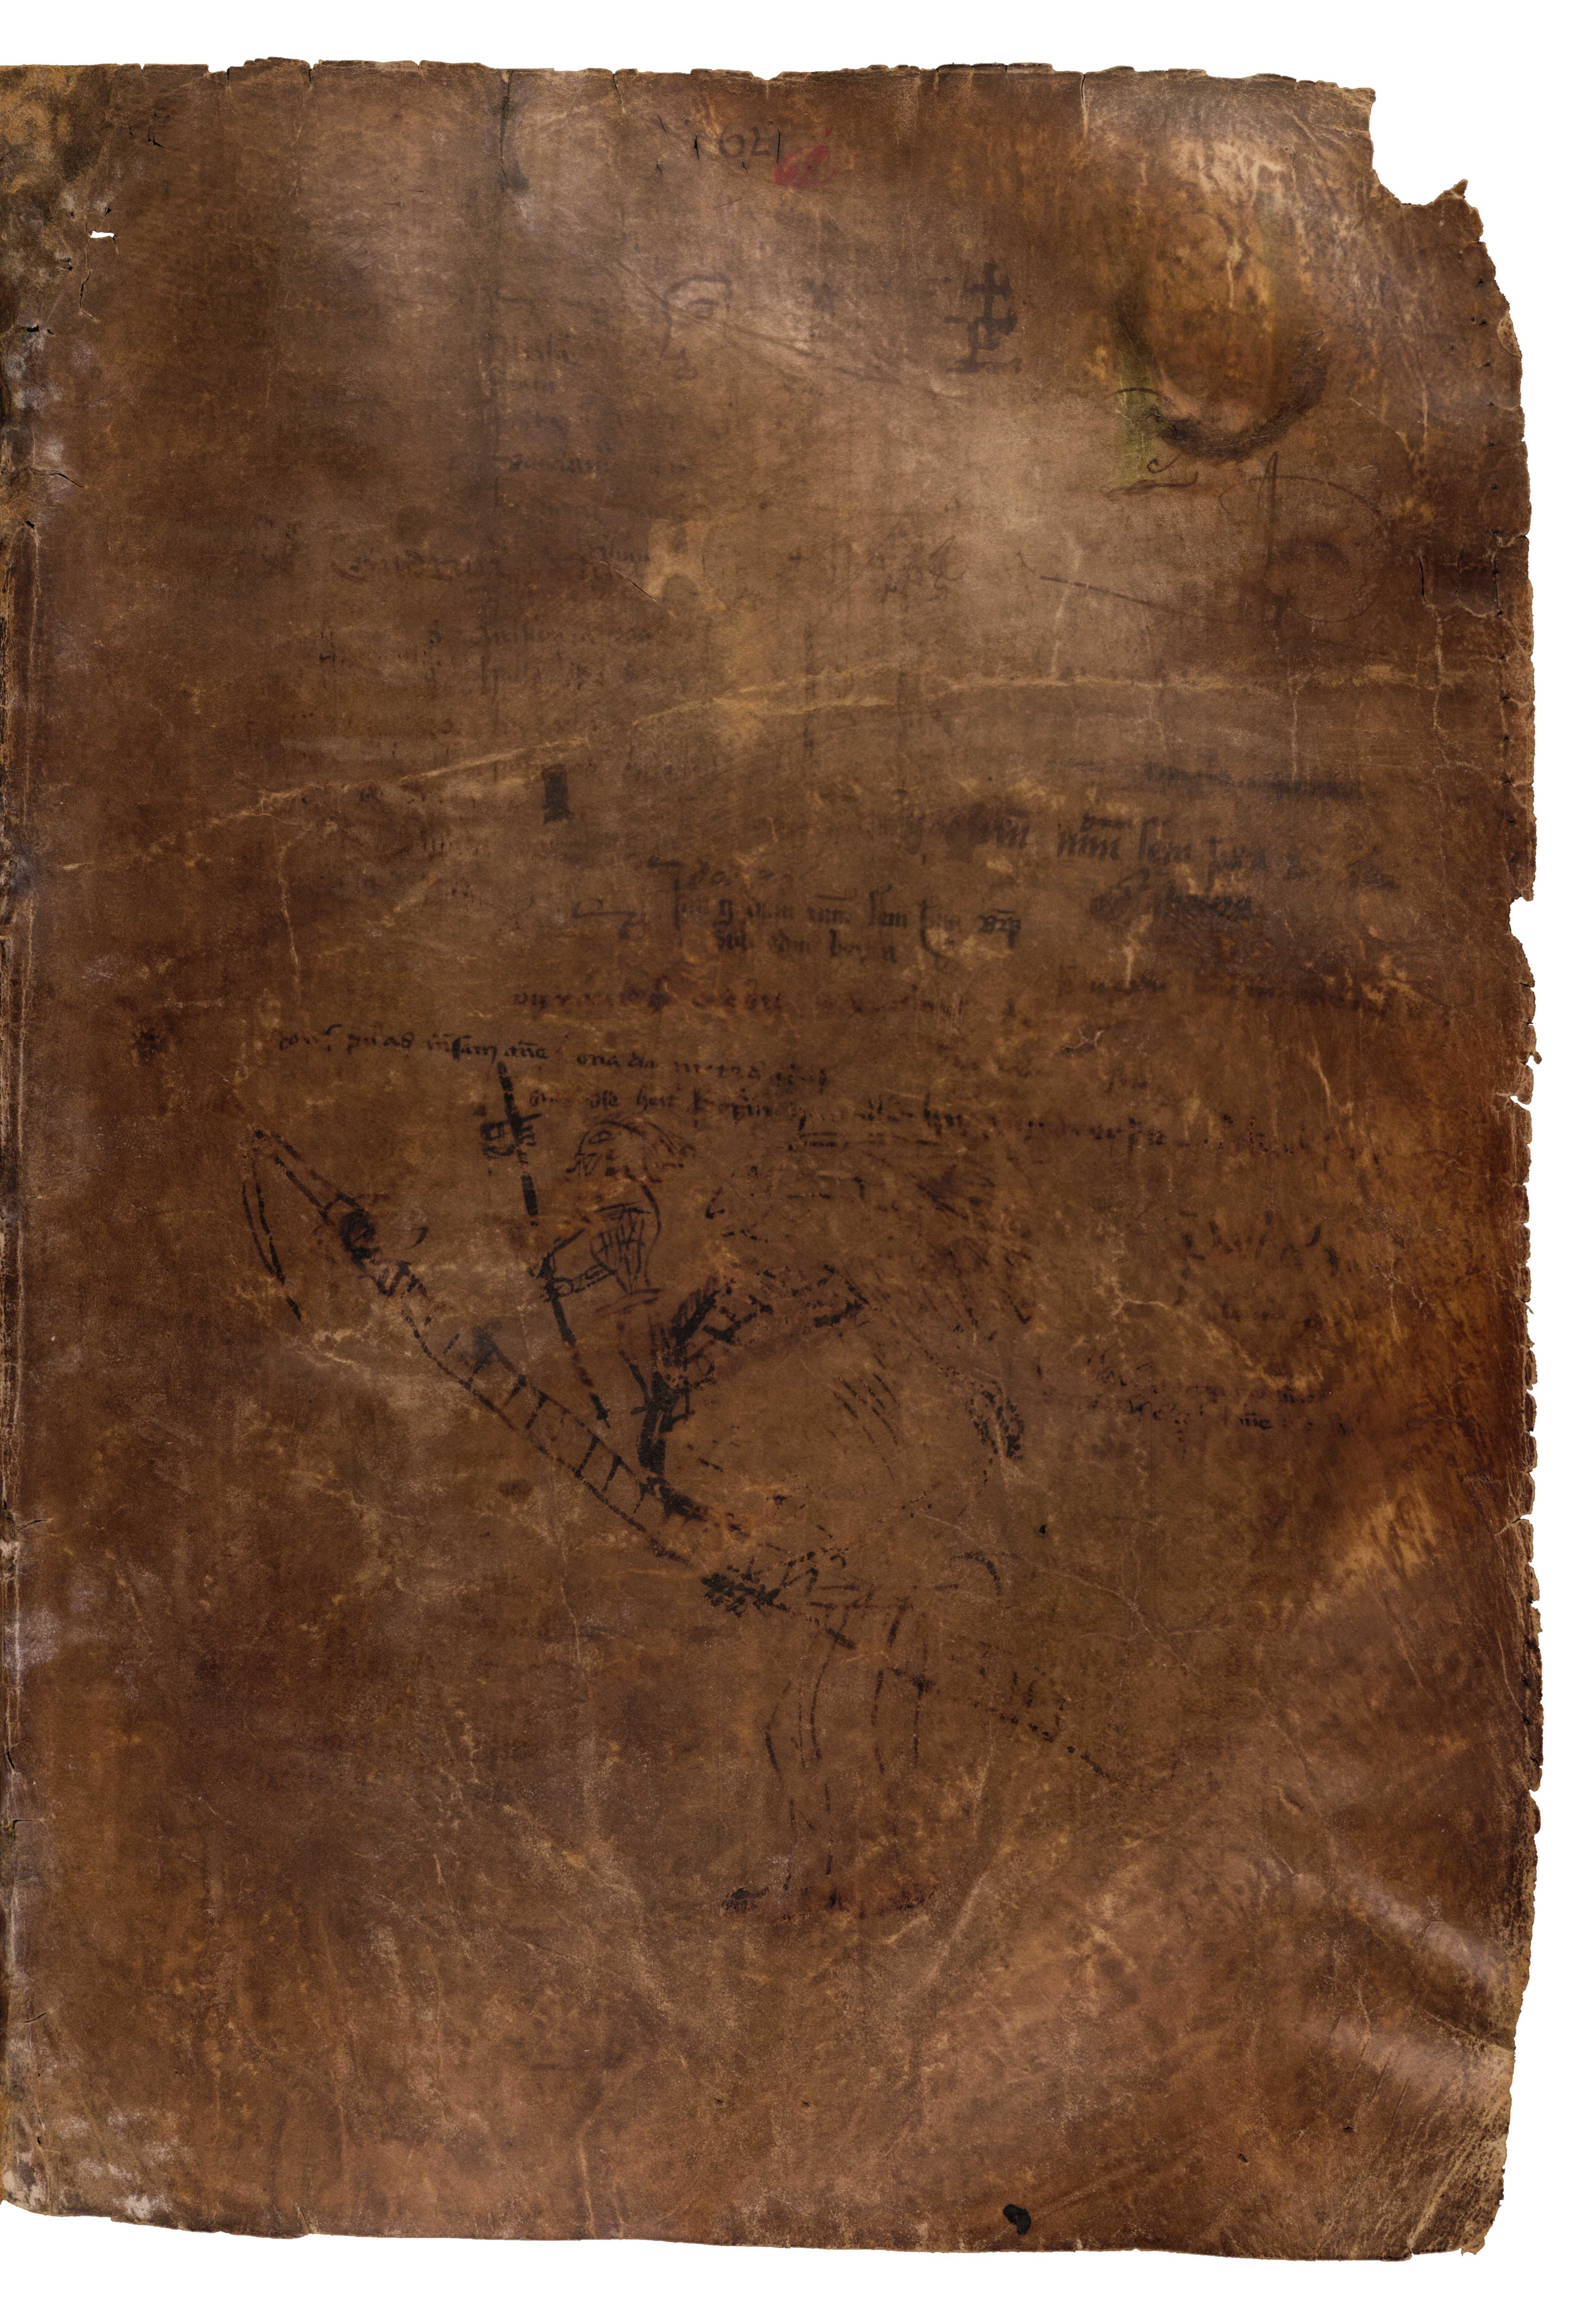 AM 132 fol - 62r